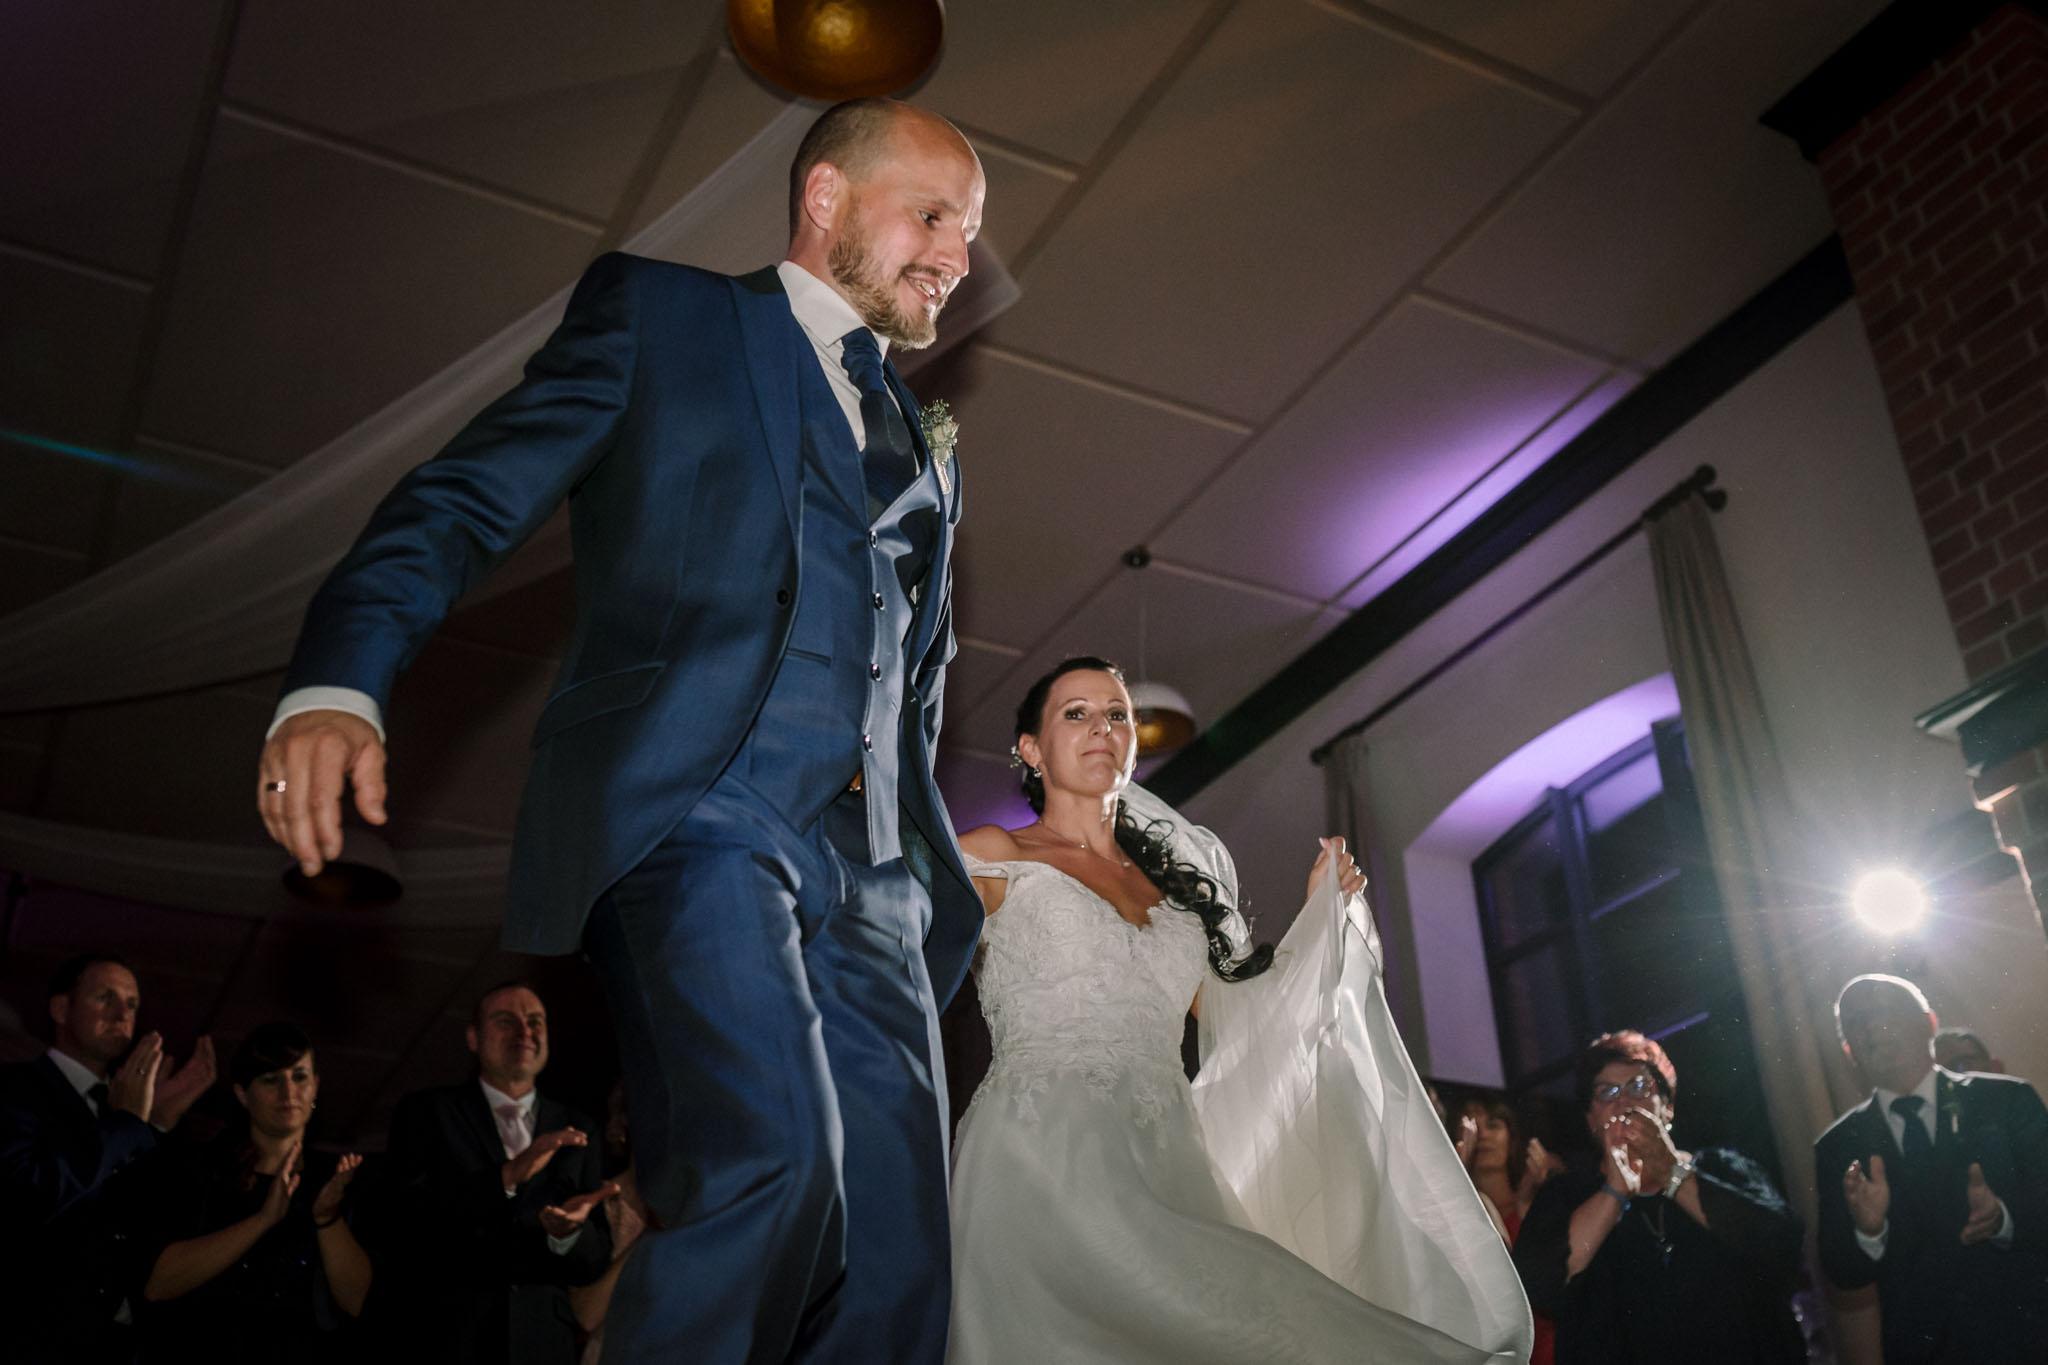 Hochzeitsfieber by Photo-Schomburg, Hochzeitsfotograf, Hamburg,Hochzeitstag, Hochzeitspaar, Braut, Bräutigam, Literaturhauscafe Zarrentin-106